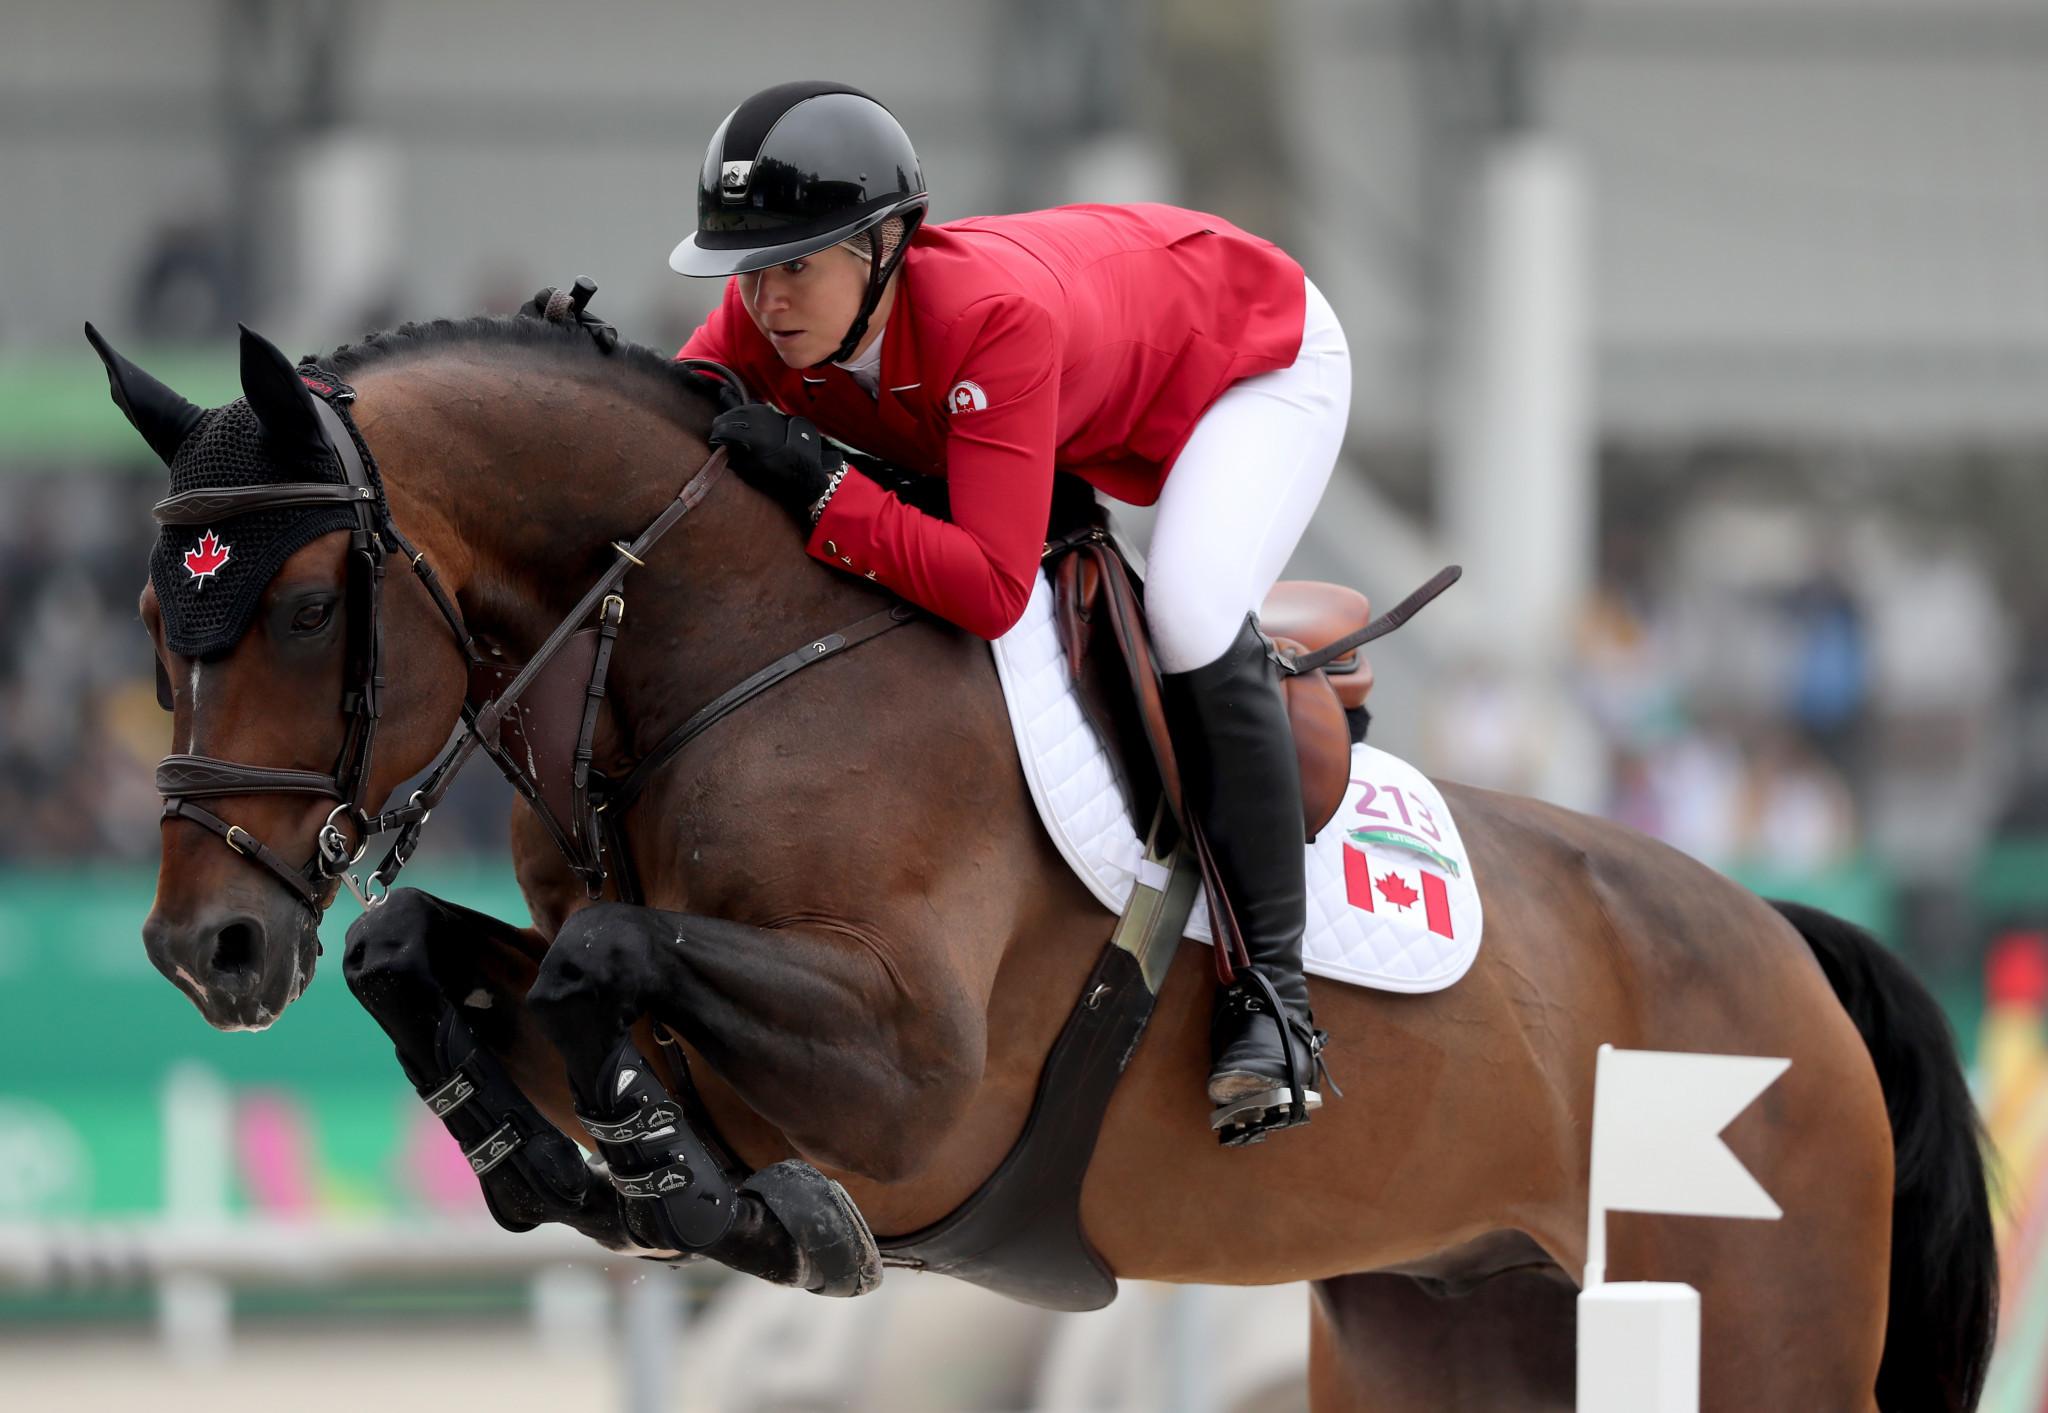 Canada appeals anti-doping case in a bid to regain Tokyo 2020 equestrian spot